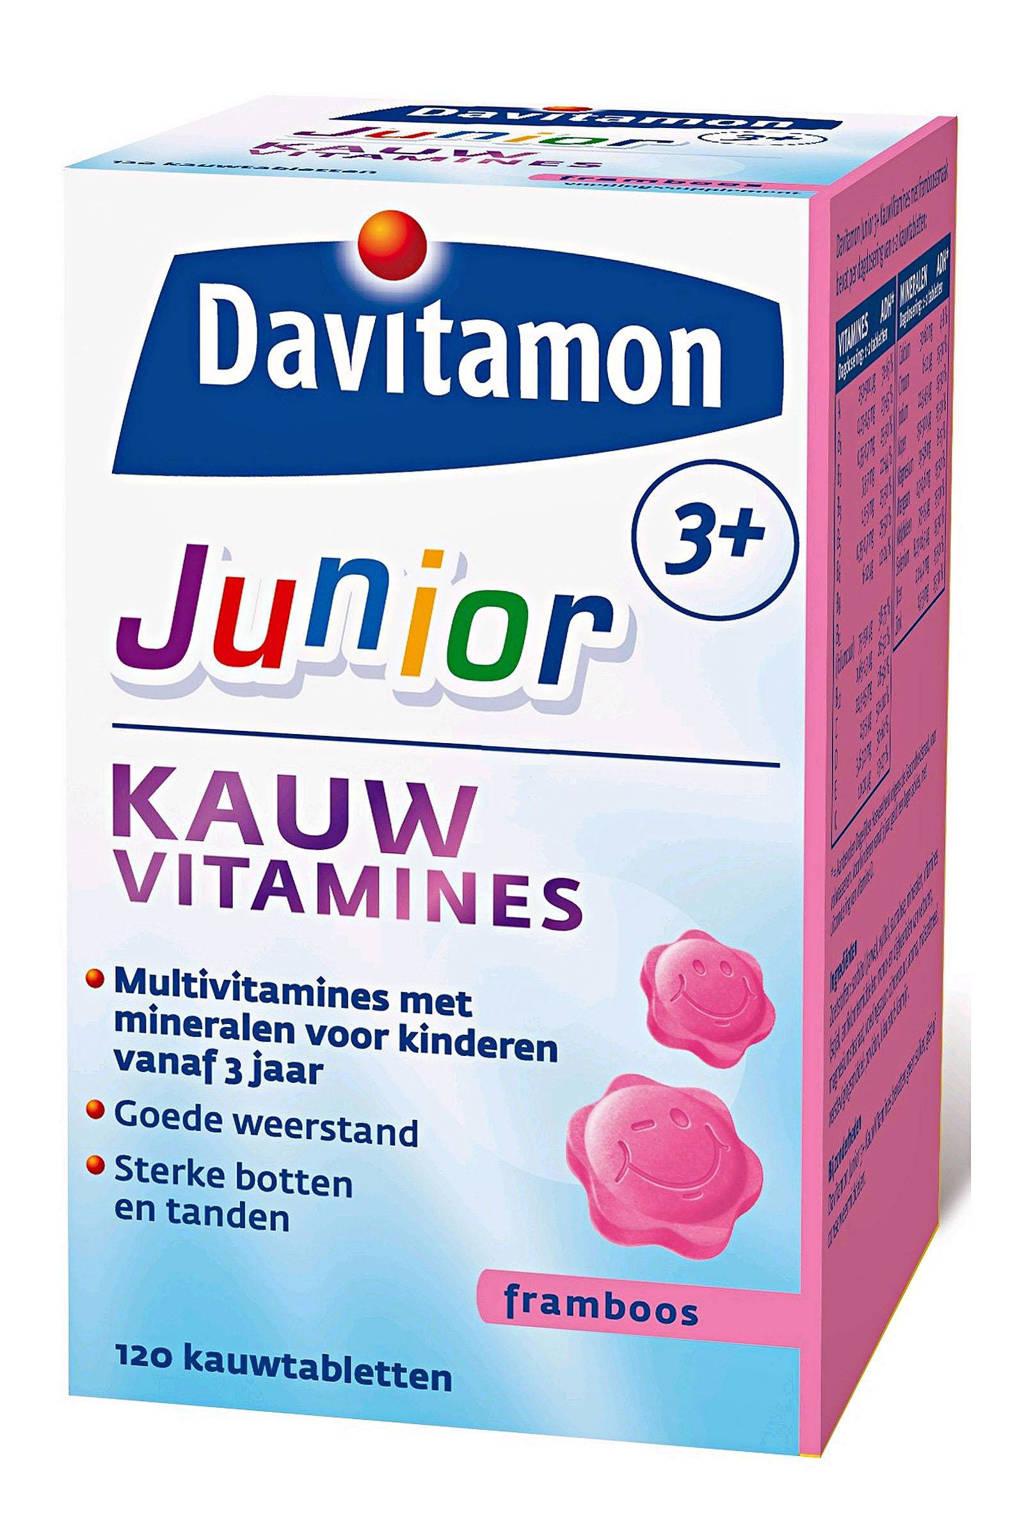 Davitamon Junior 3+ Framboos - 120 kauwtabletten